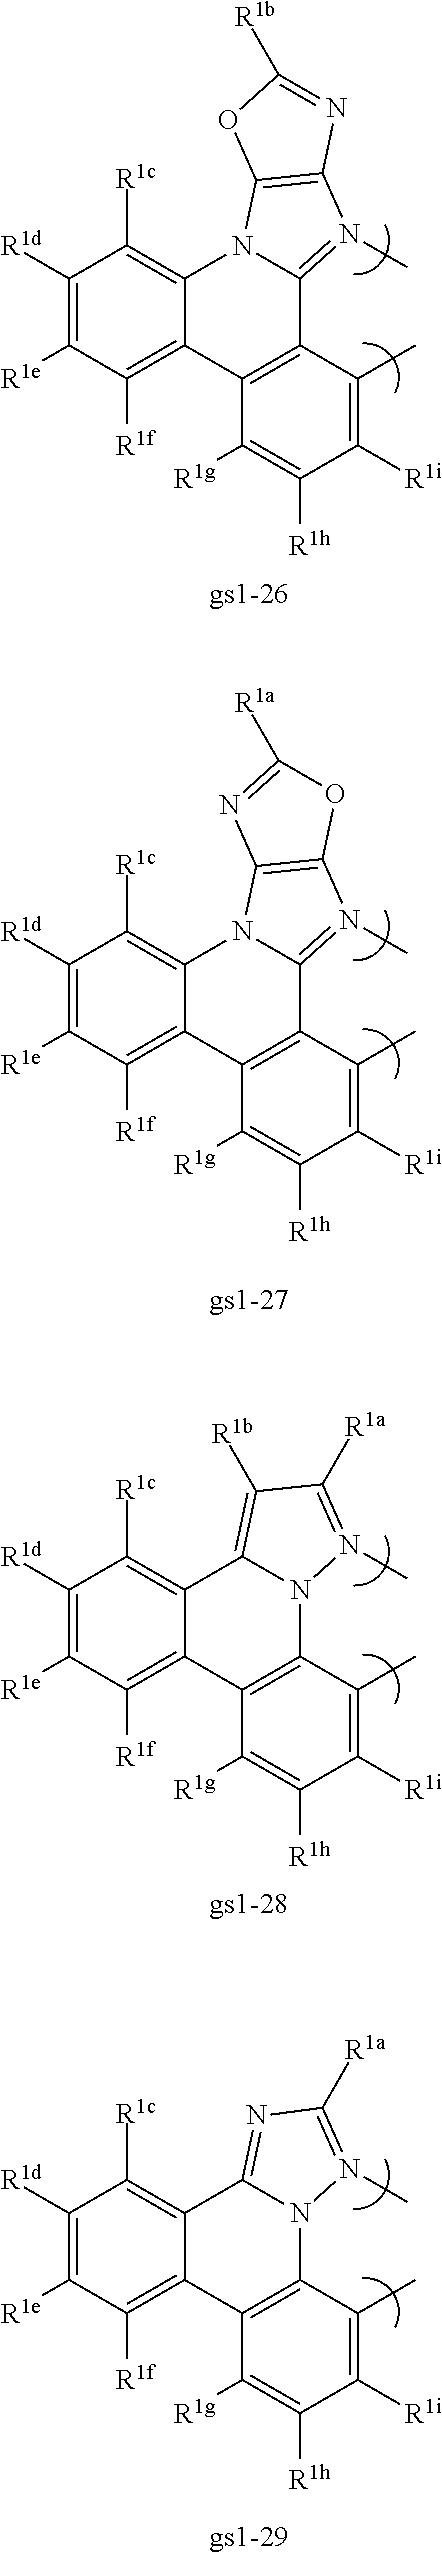 Figure US07915415-20110329-C00008